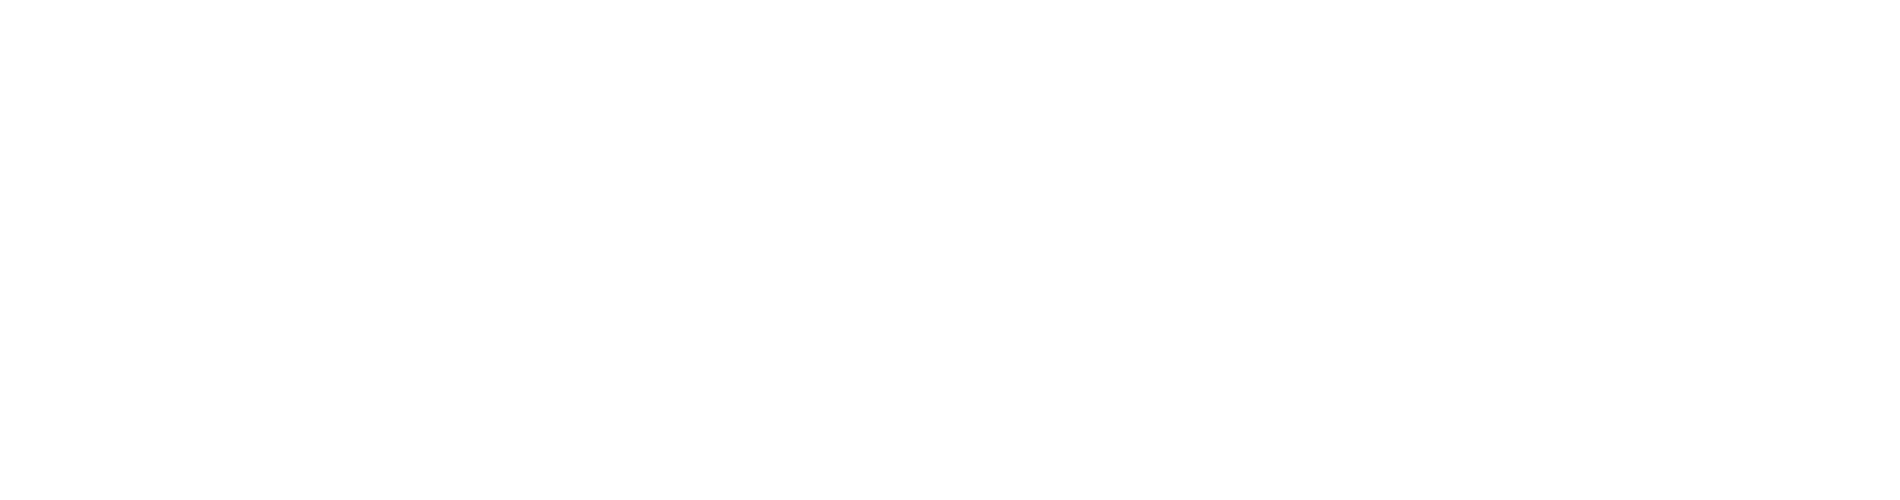 Home High Tech - Intégrateur de son & image à Angers (49)